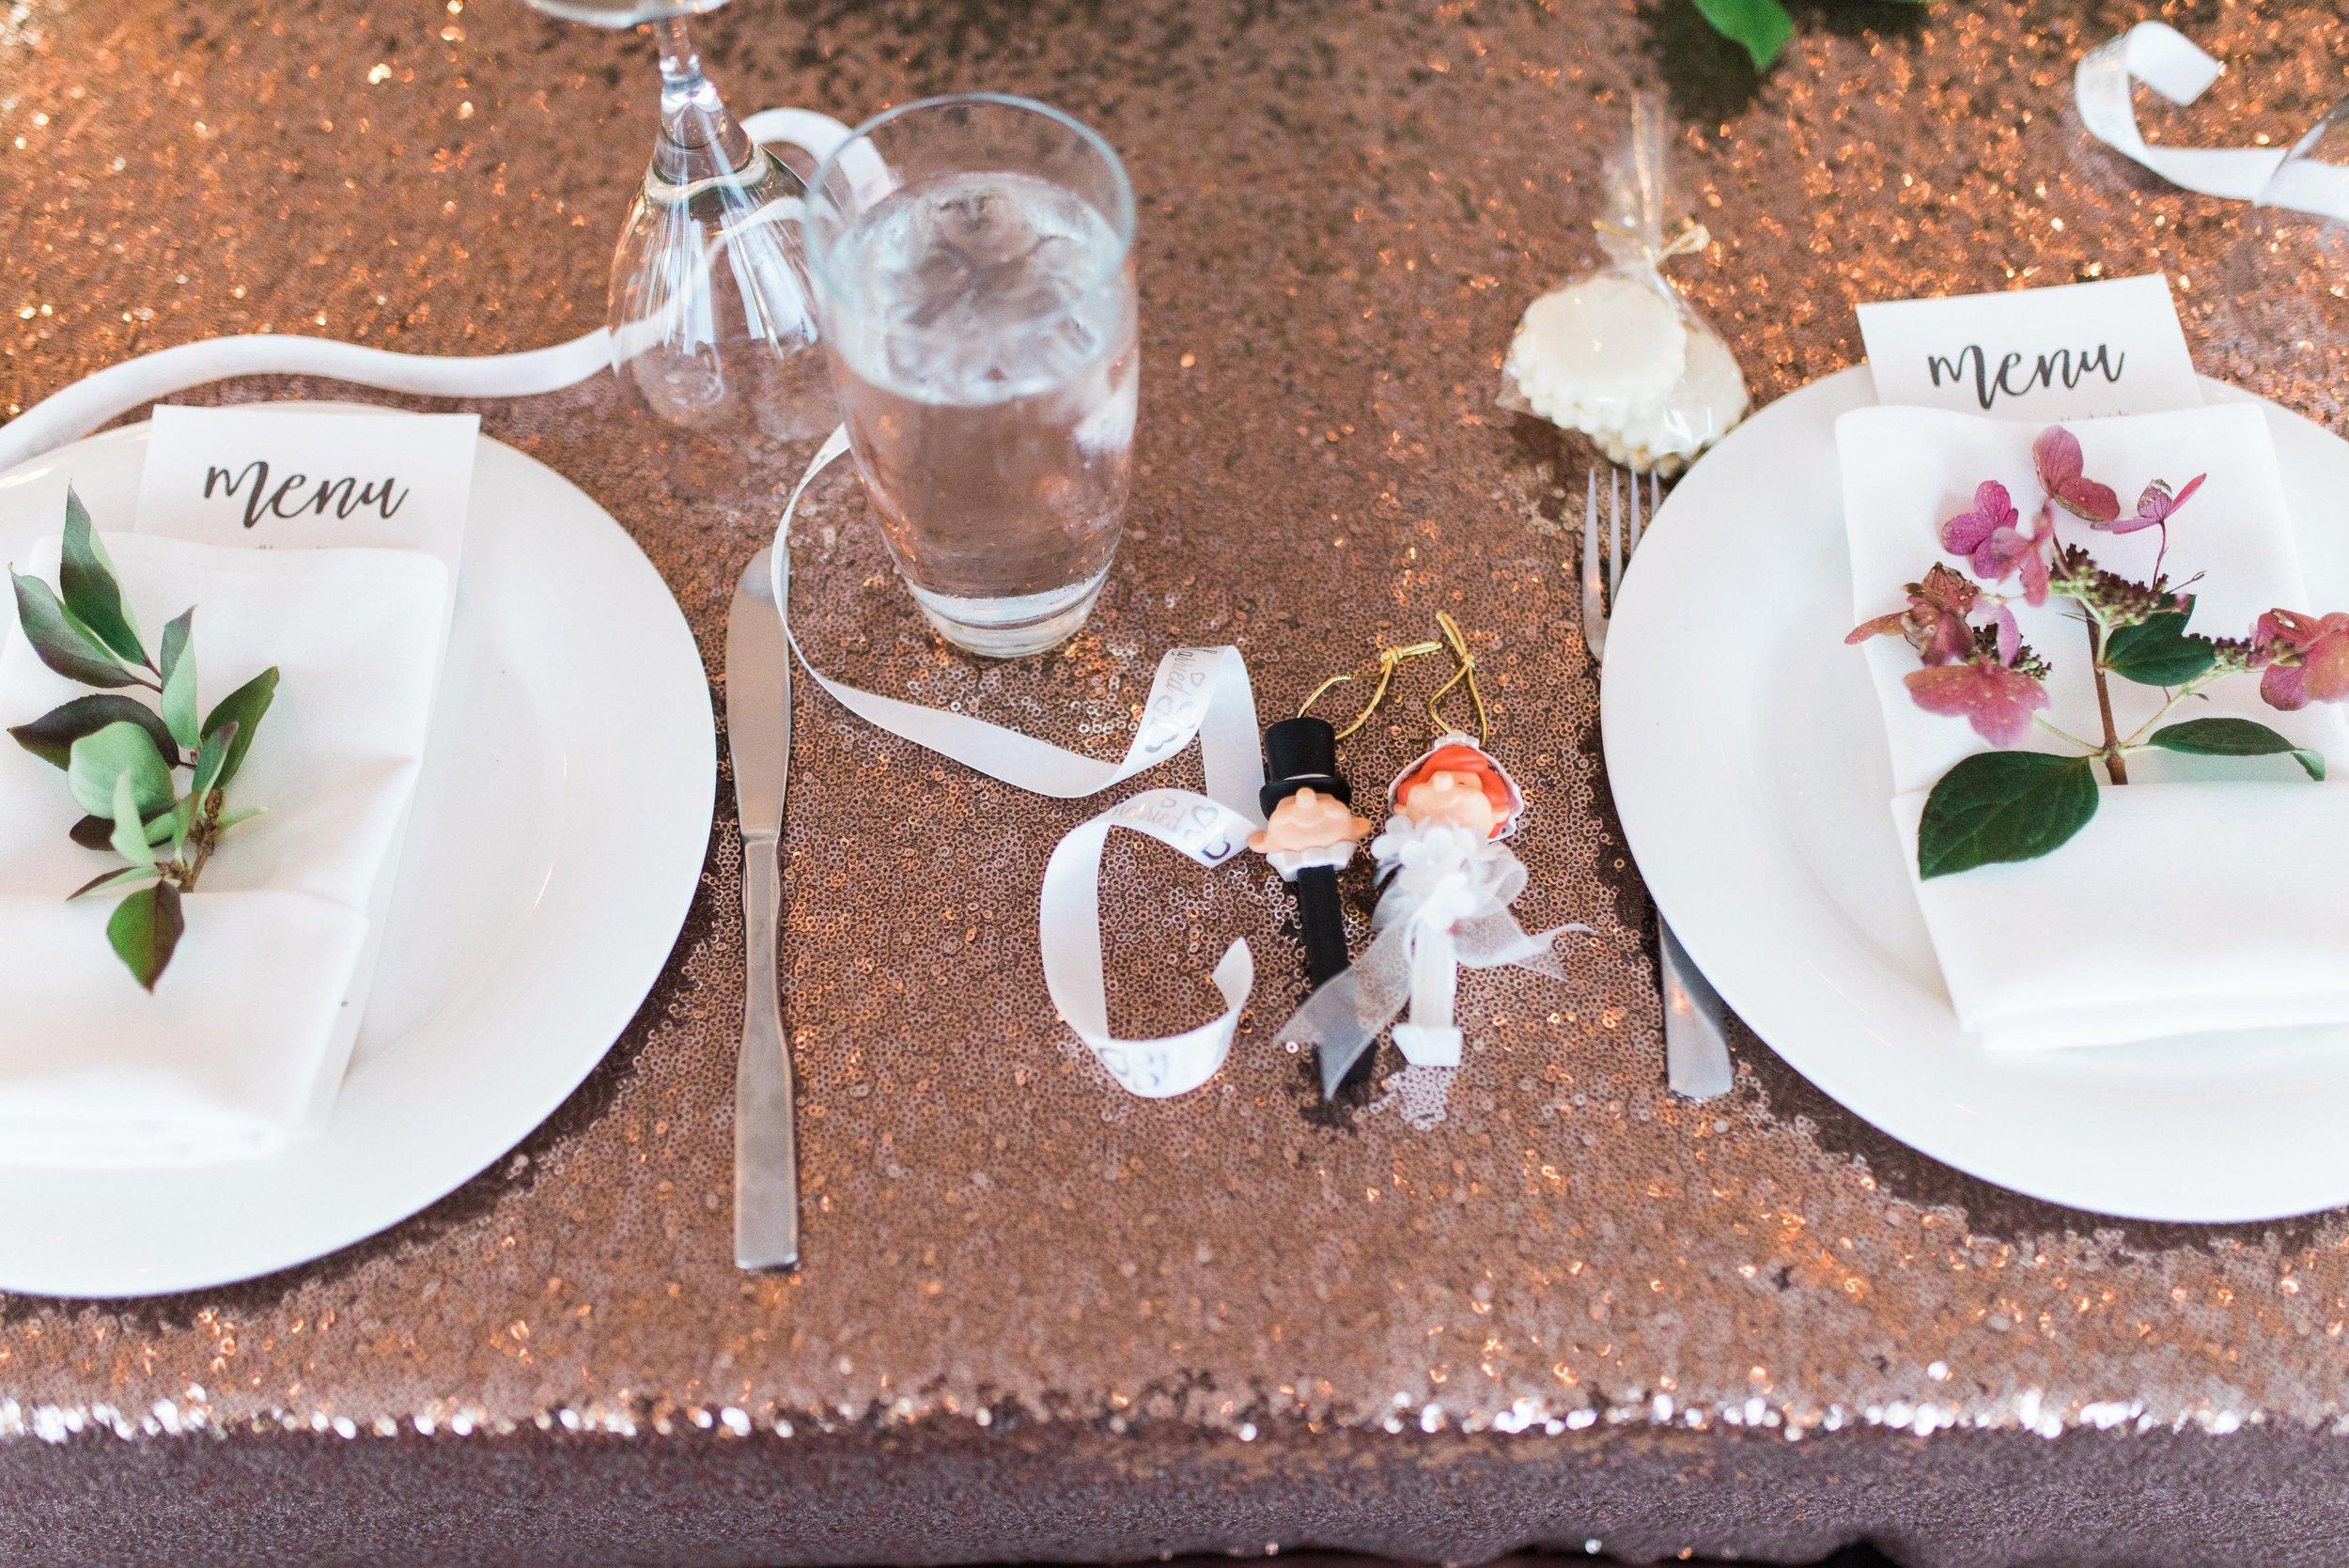 Sequin Table Linens - Fall Wedding Decor